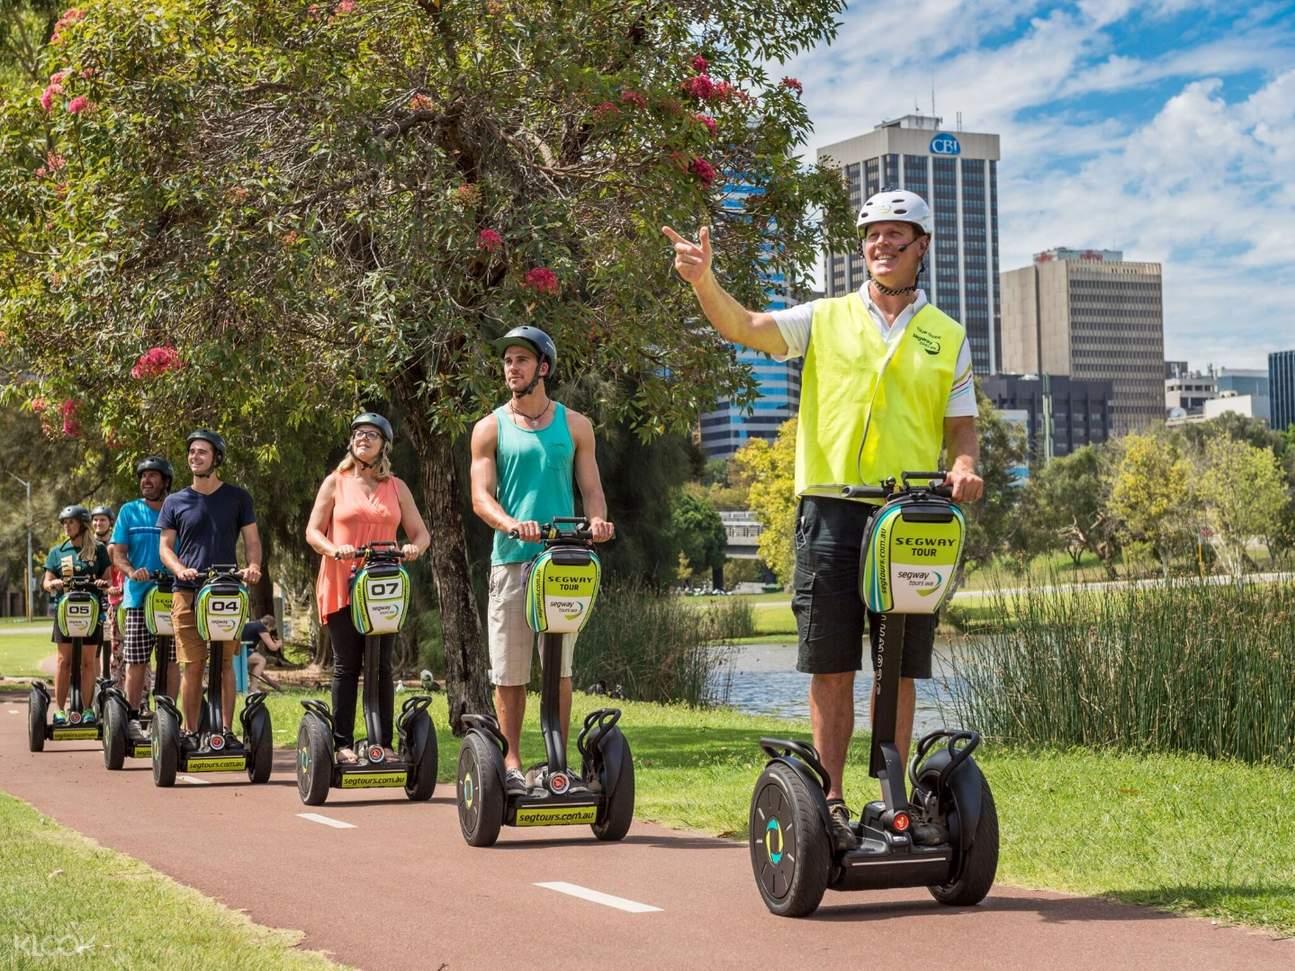 市內游覽珀斯賽格威(平衡車)之旅(伊麗莎白碼頭& 國王公園& 天鵝河)